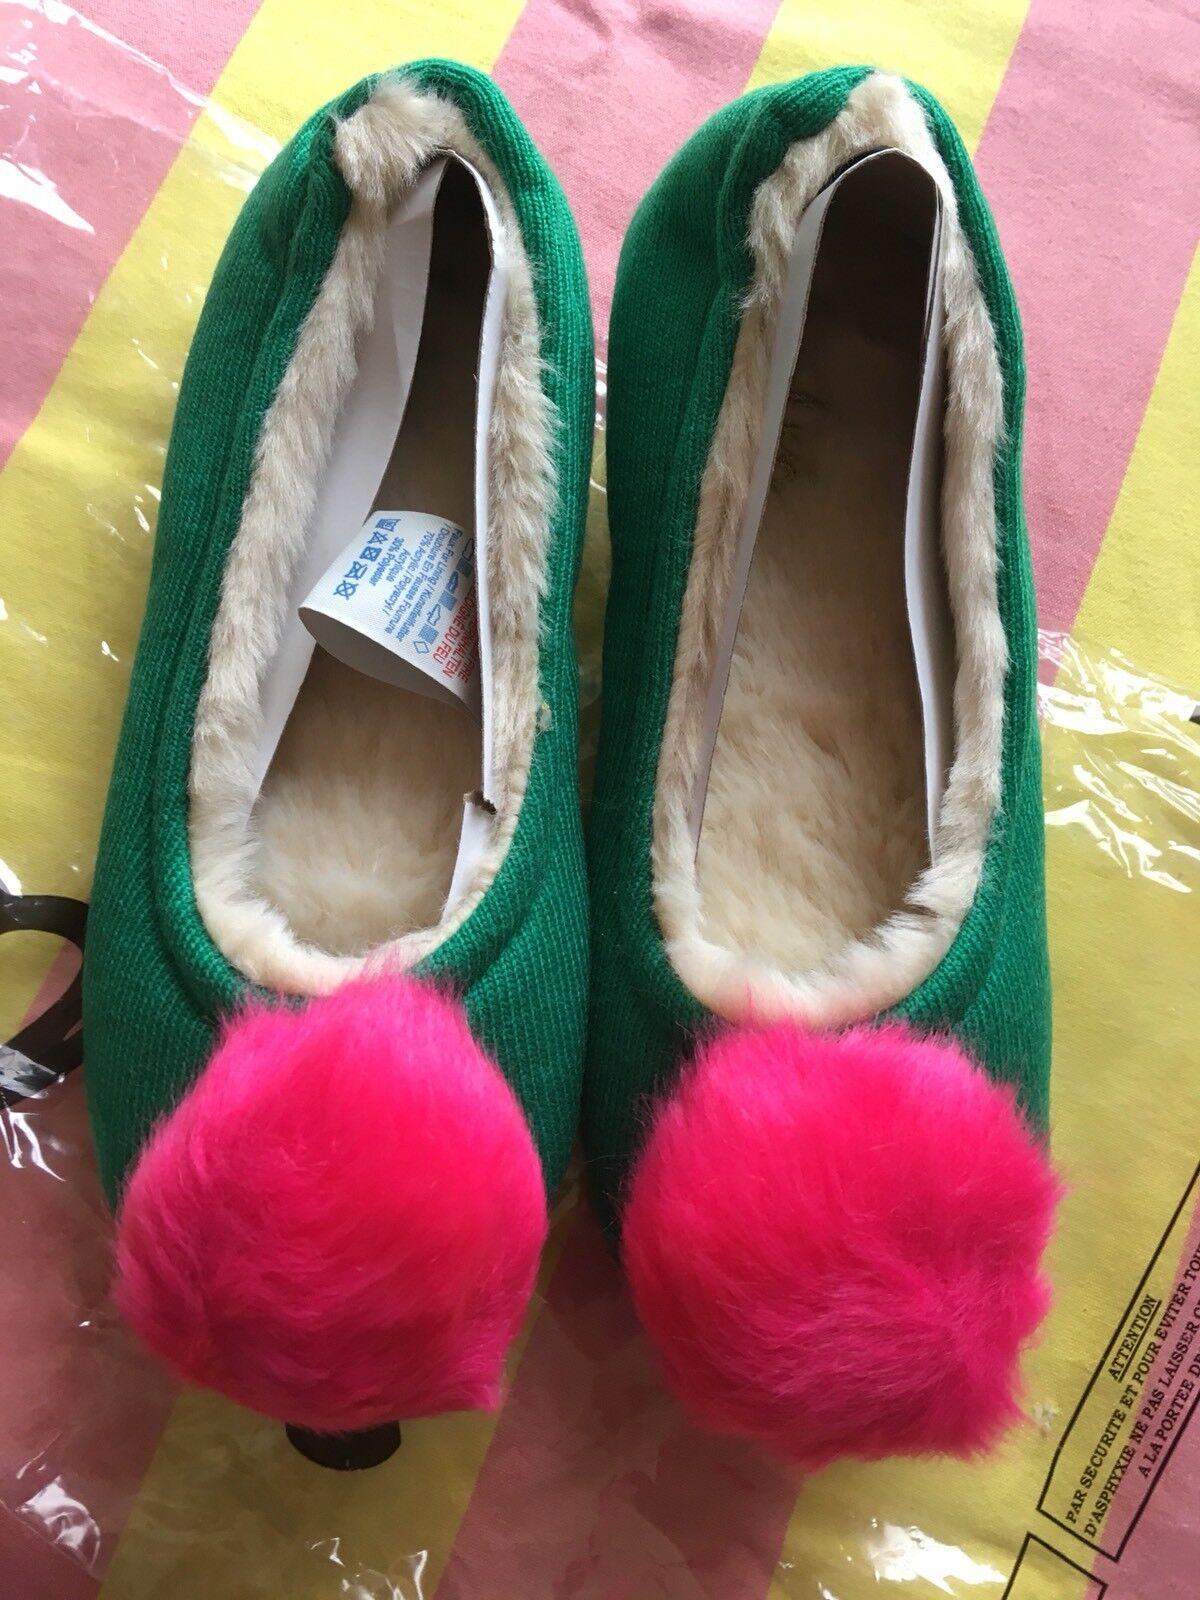 NEW Boden Knitted Pom Pom Slippers   - Eden Green - Size 38 / 5